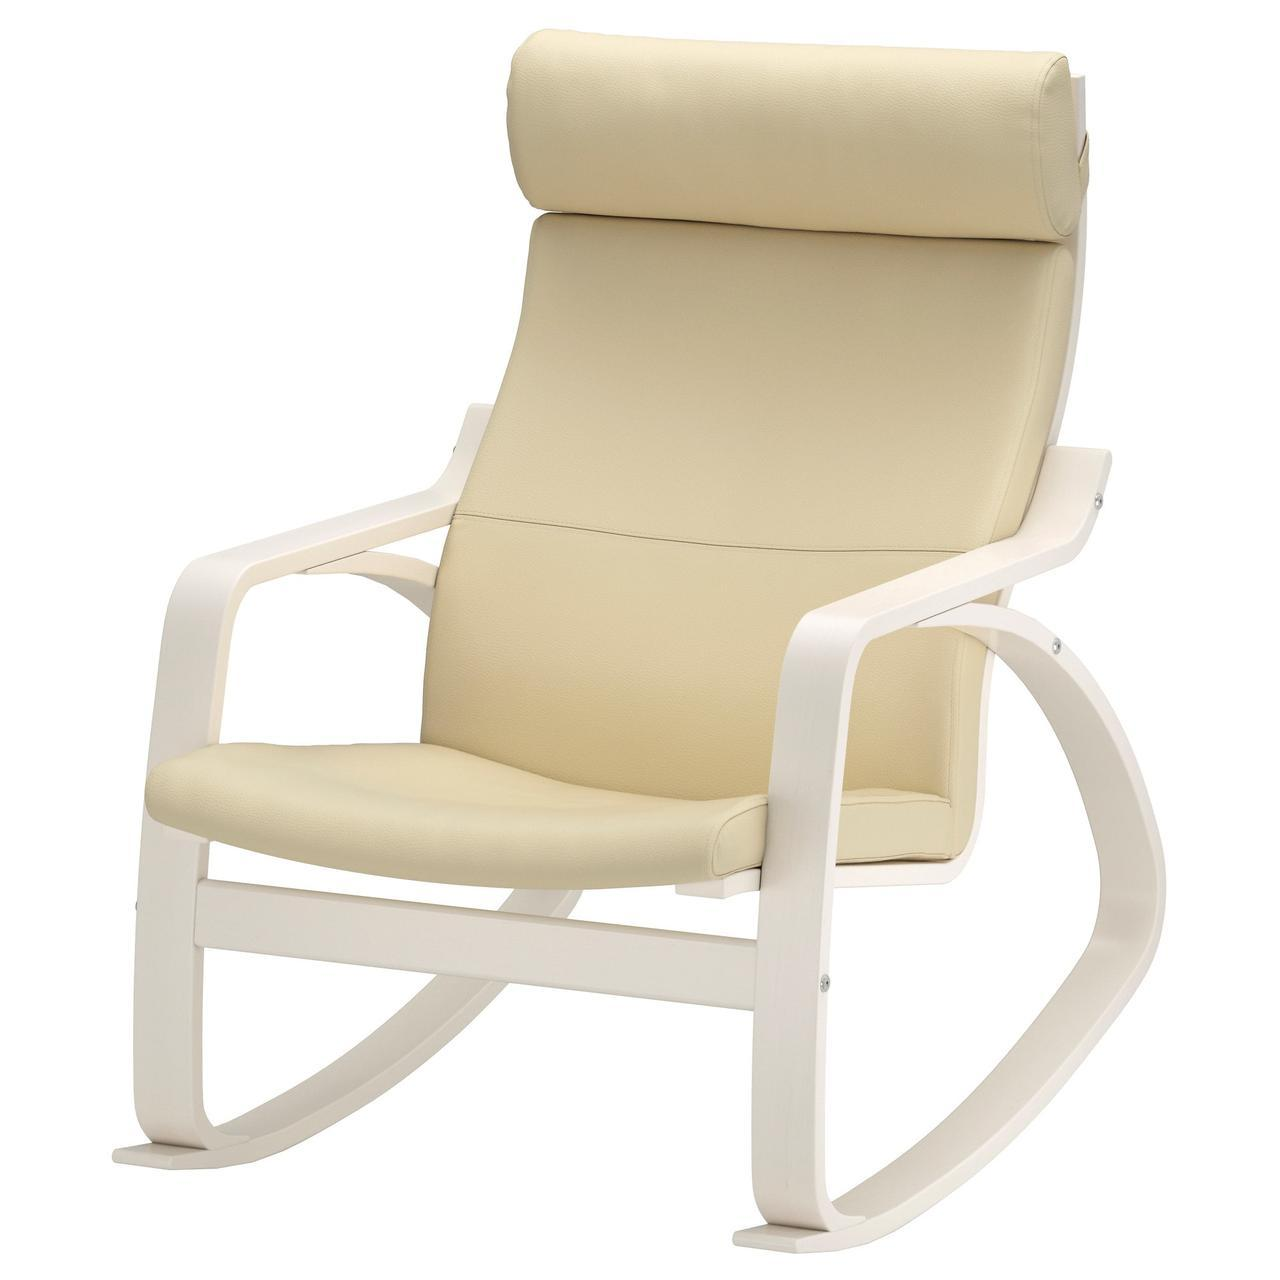 IKEA POANG Кресло-качалка, белый, глянцевый крем  (291.632.61)